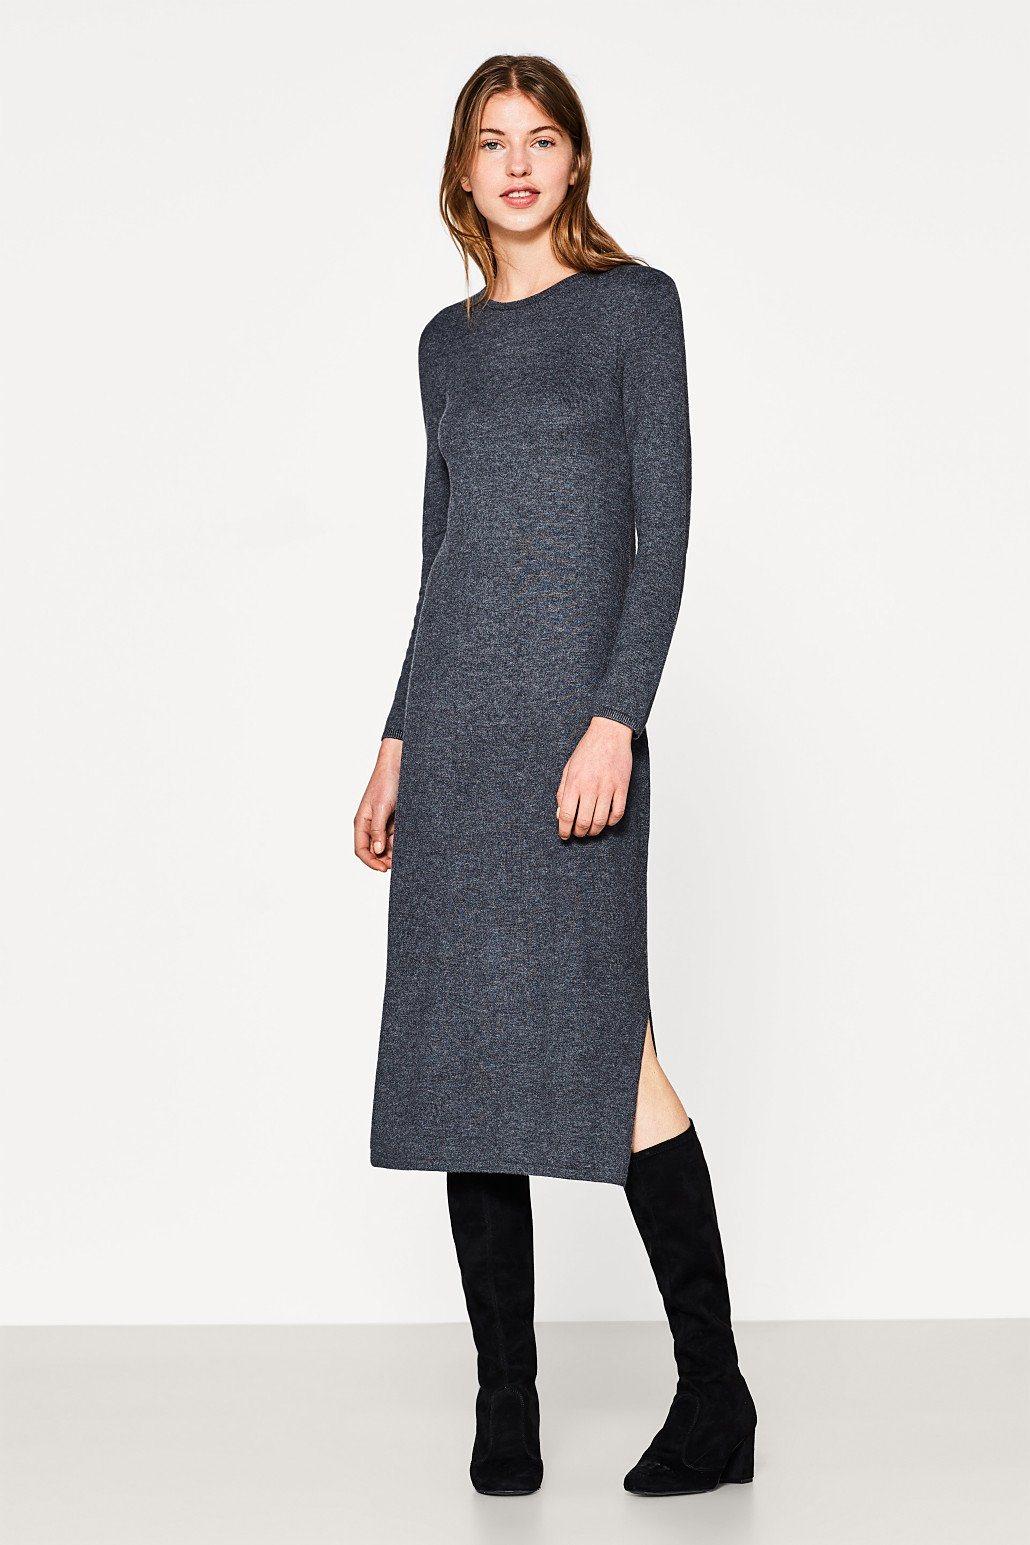 Welches Kleid Passt Zu Meiner Figur Online Günstig Kaufen